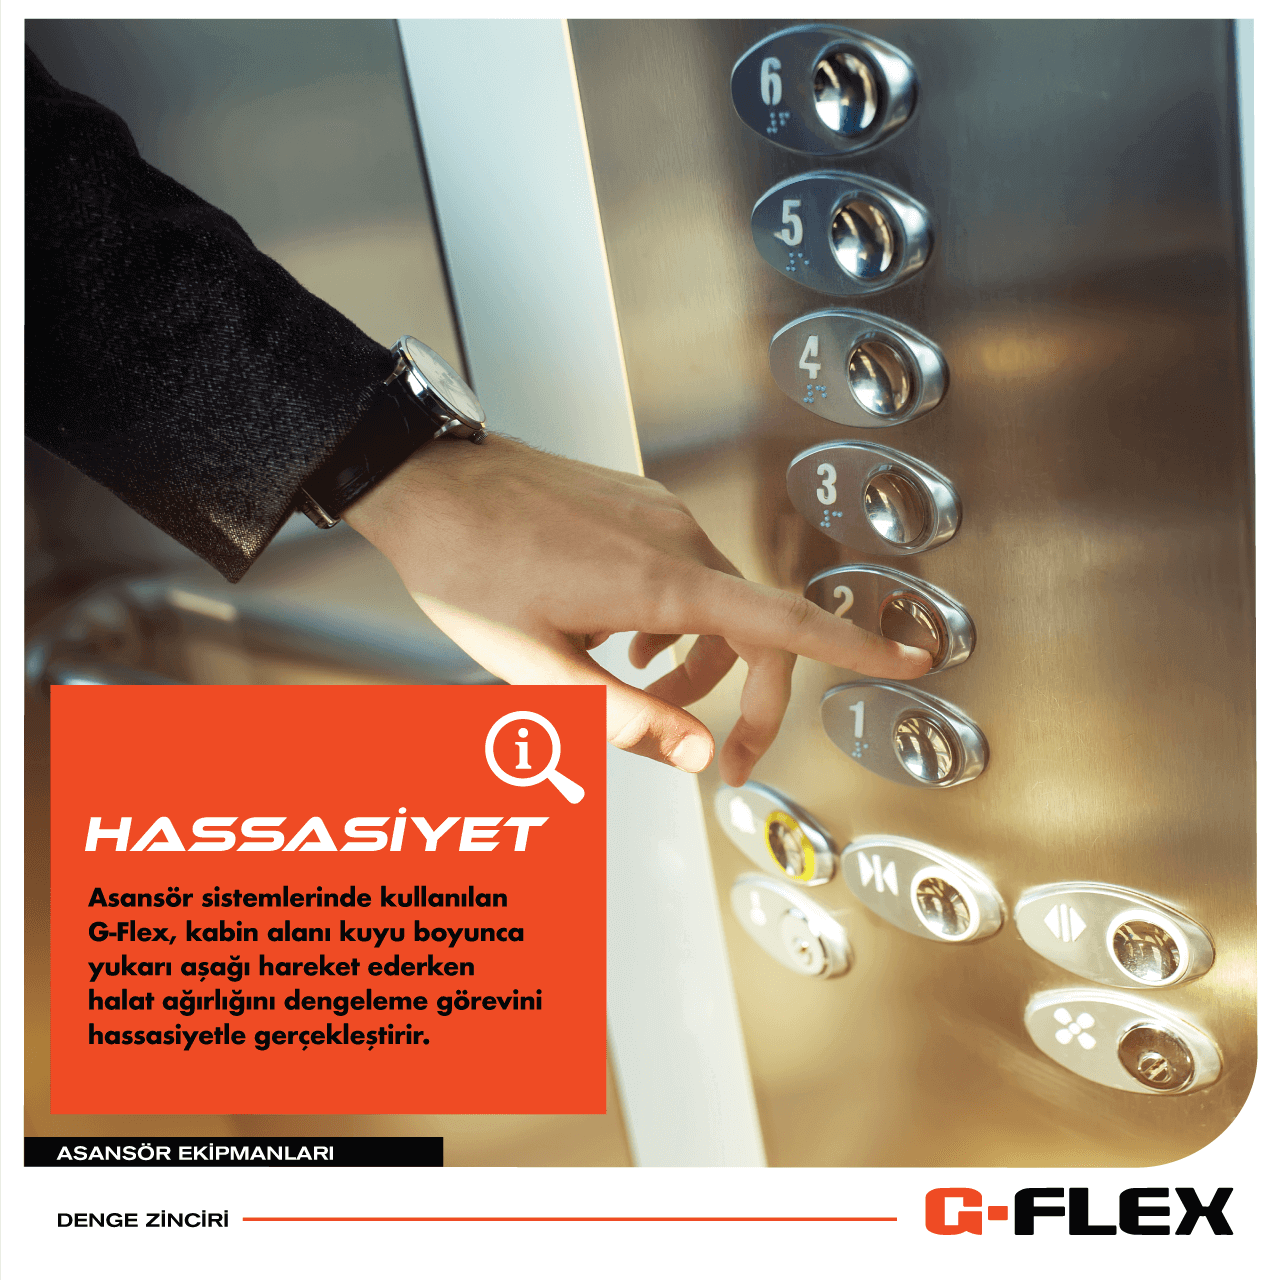 G-Flex Hizmetlerimiz